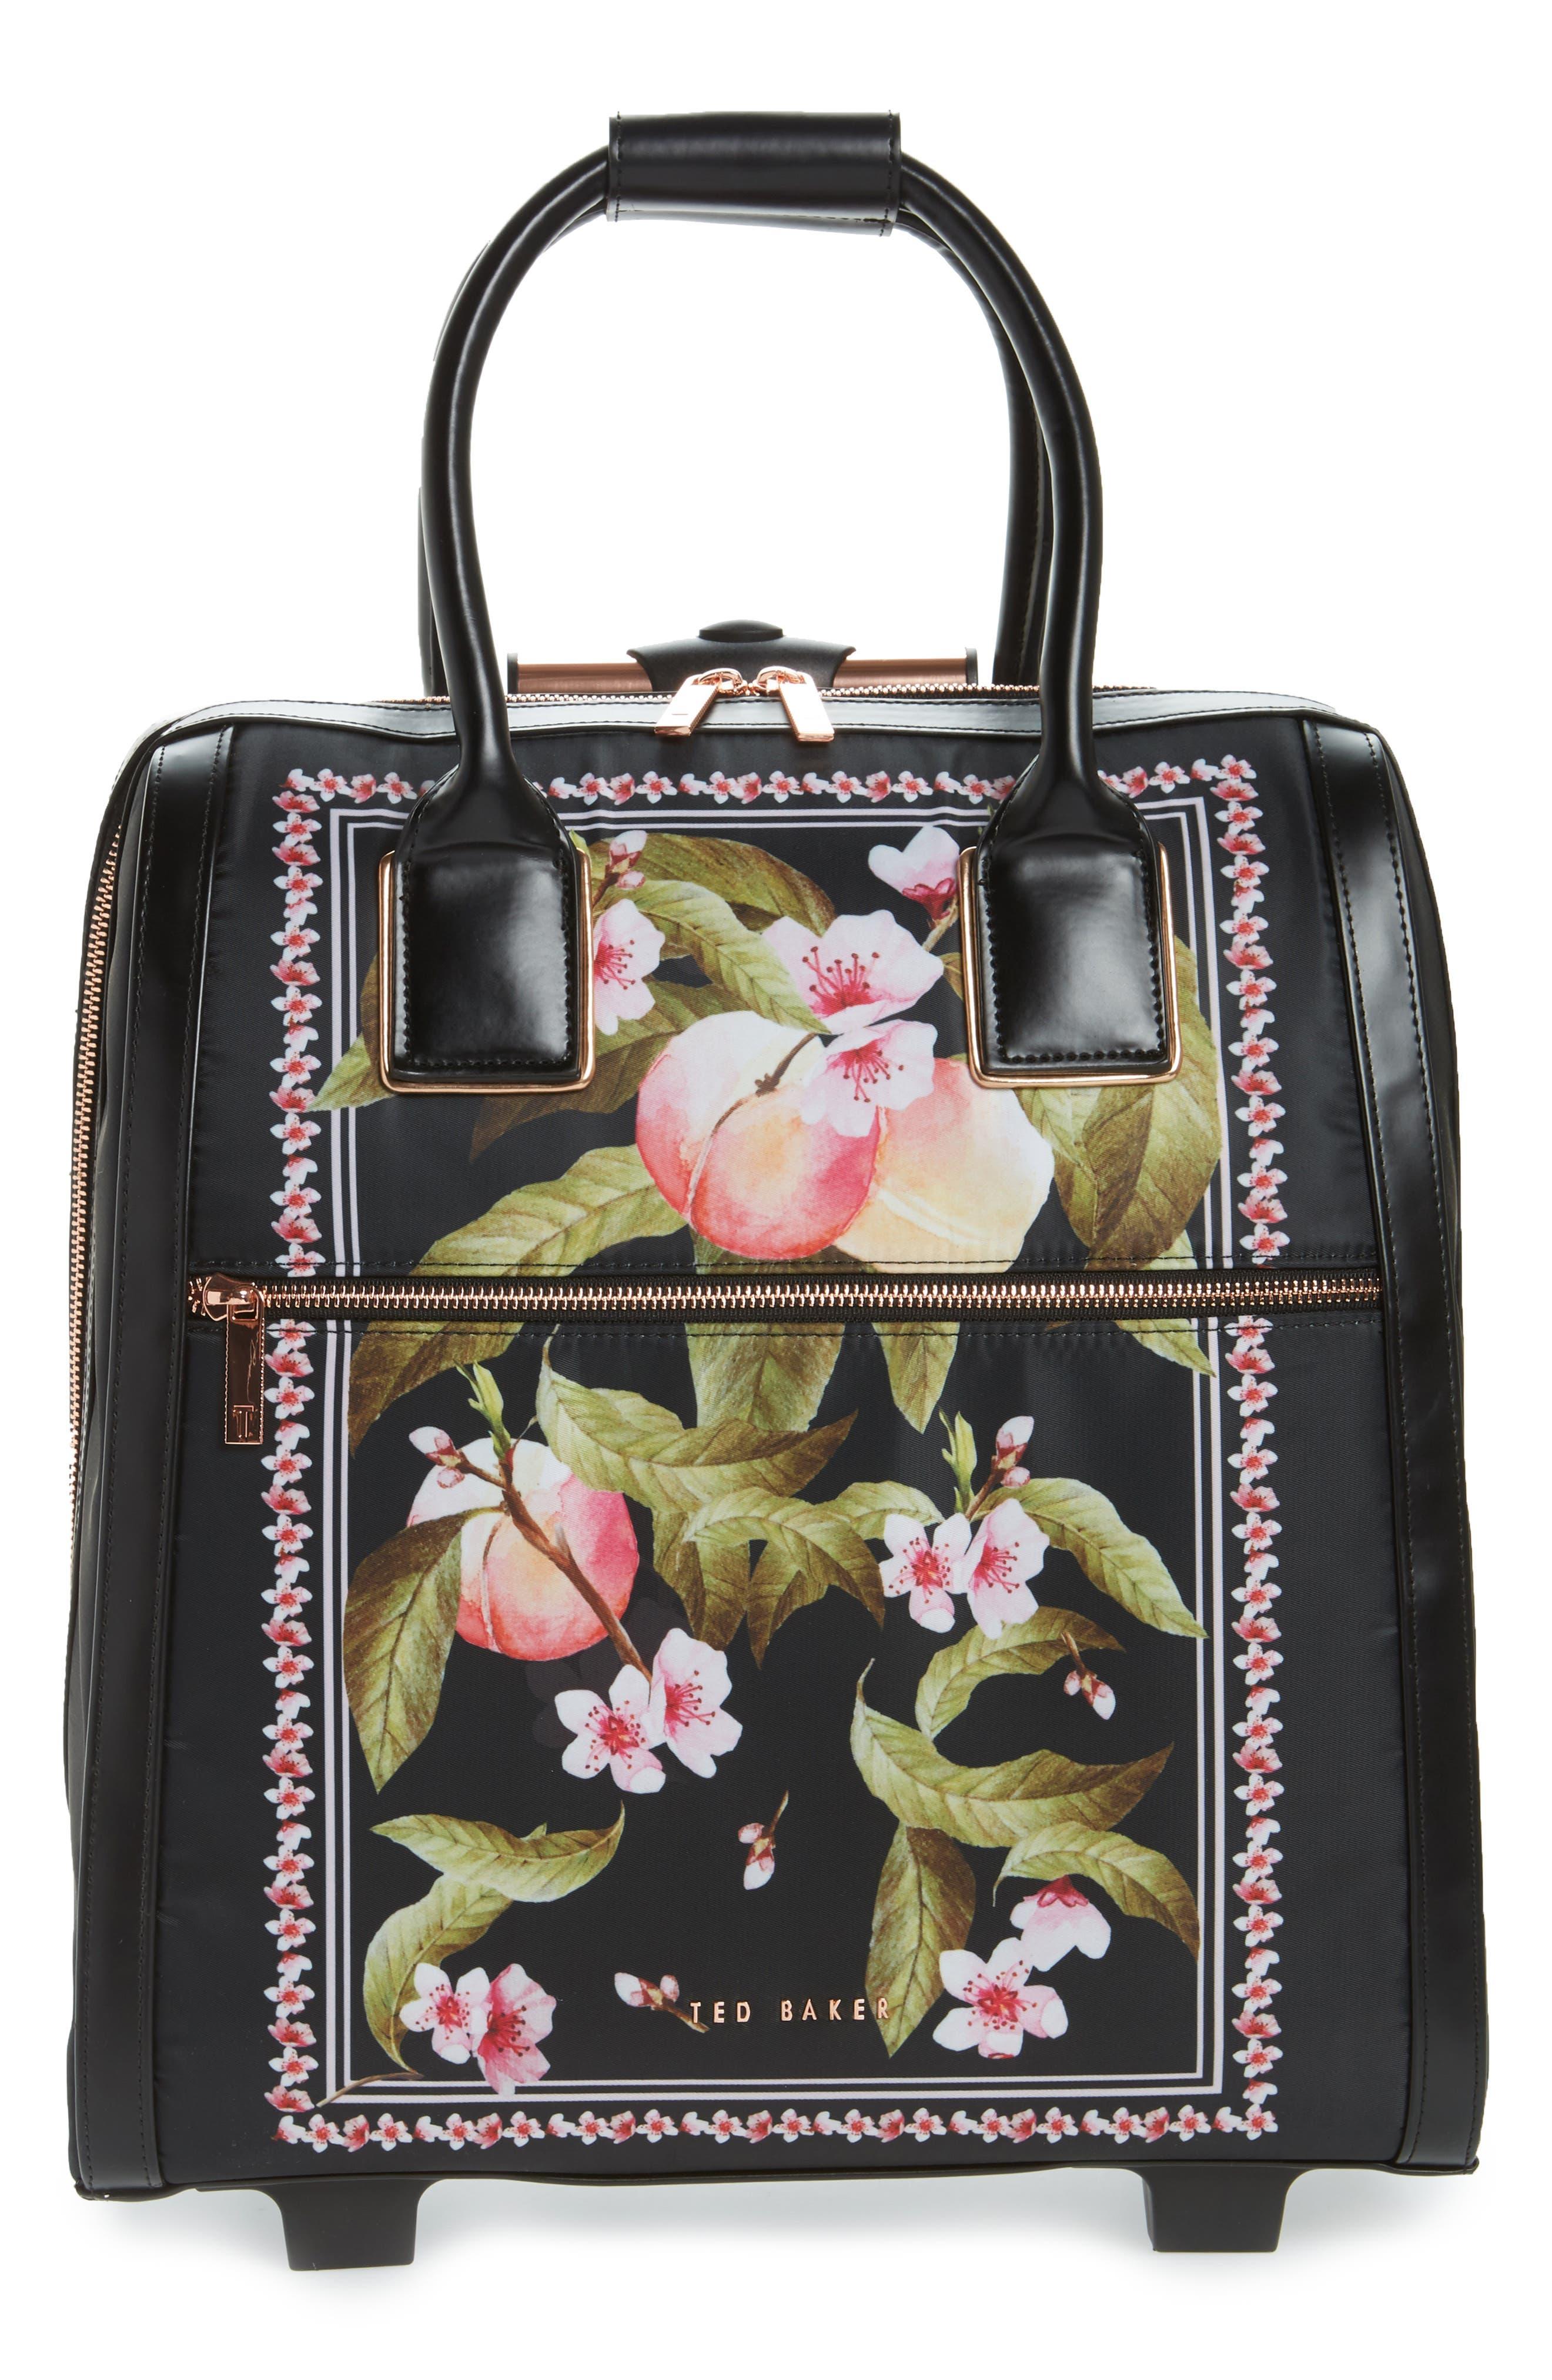 Ted Baker London Riorio Peach Blossom Travel Bag